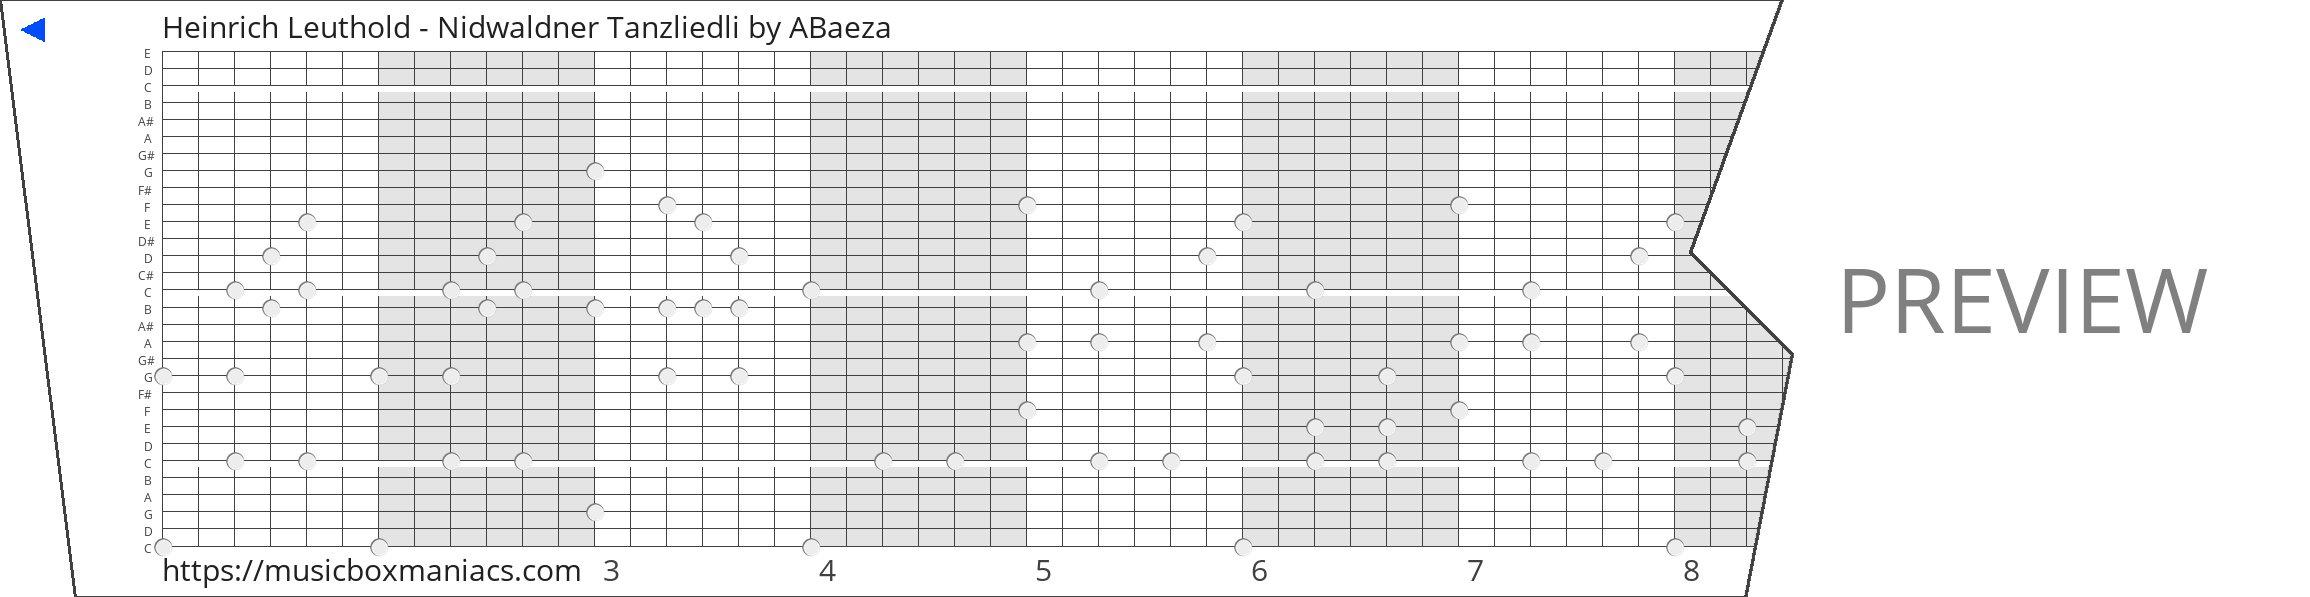 Heinrich Leuthold - Nidwaldner Tanzliedli 30 note music box paper strip